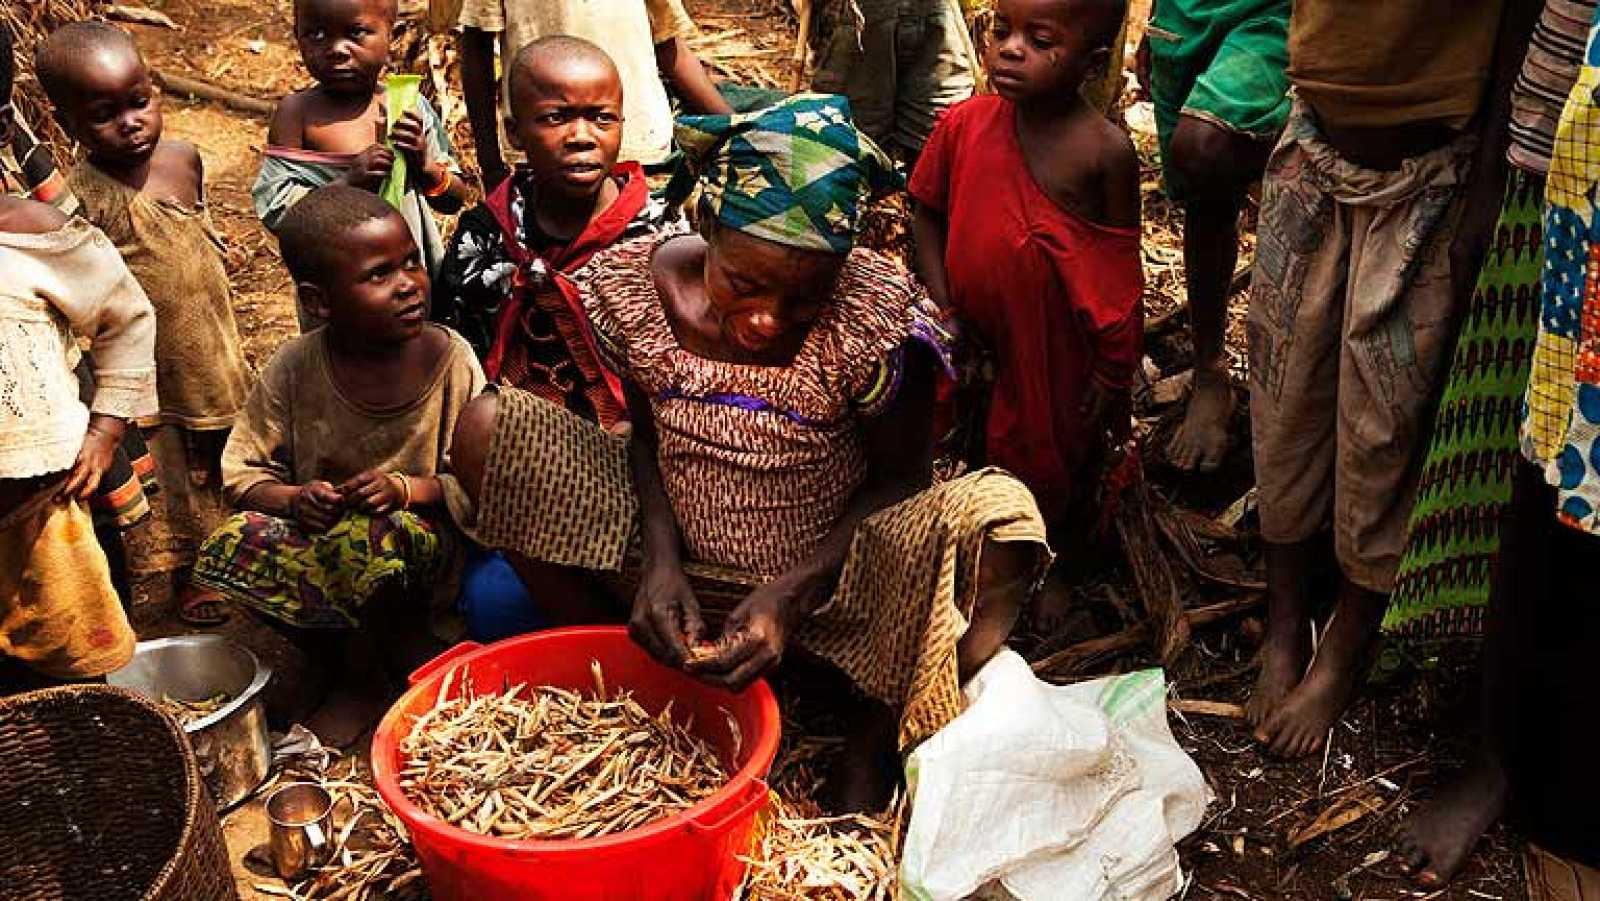 La República Democrática del Congo, un conflicto que no cesa